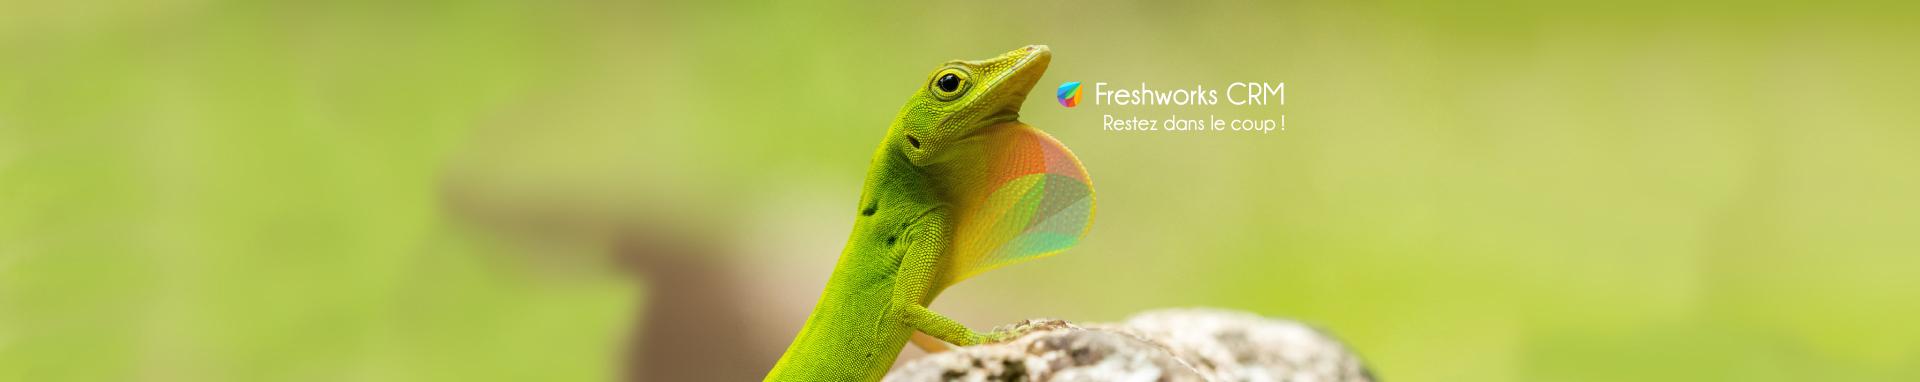 Logiciel Freshworks CRM, restez dans le coup !